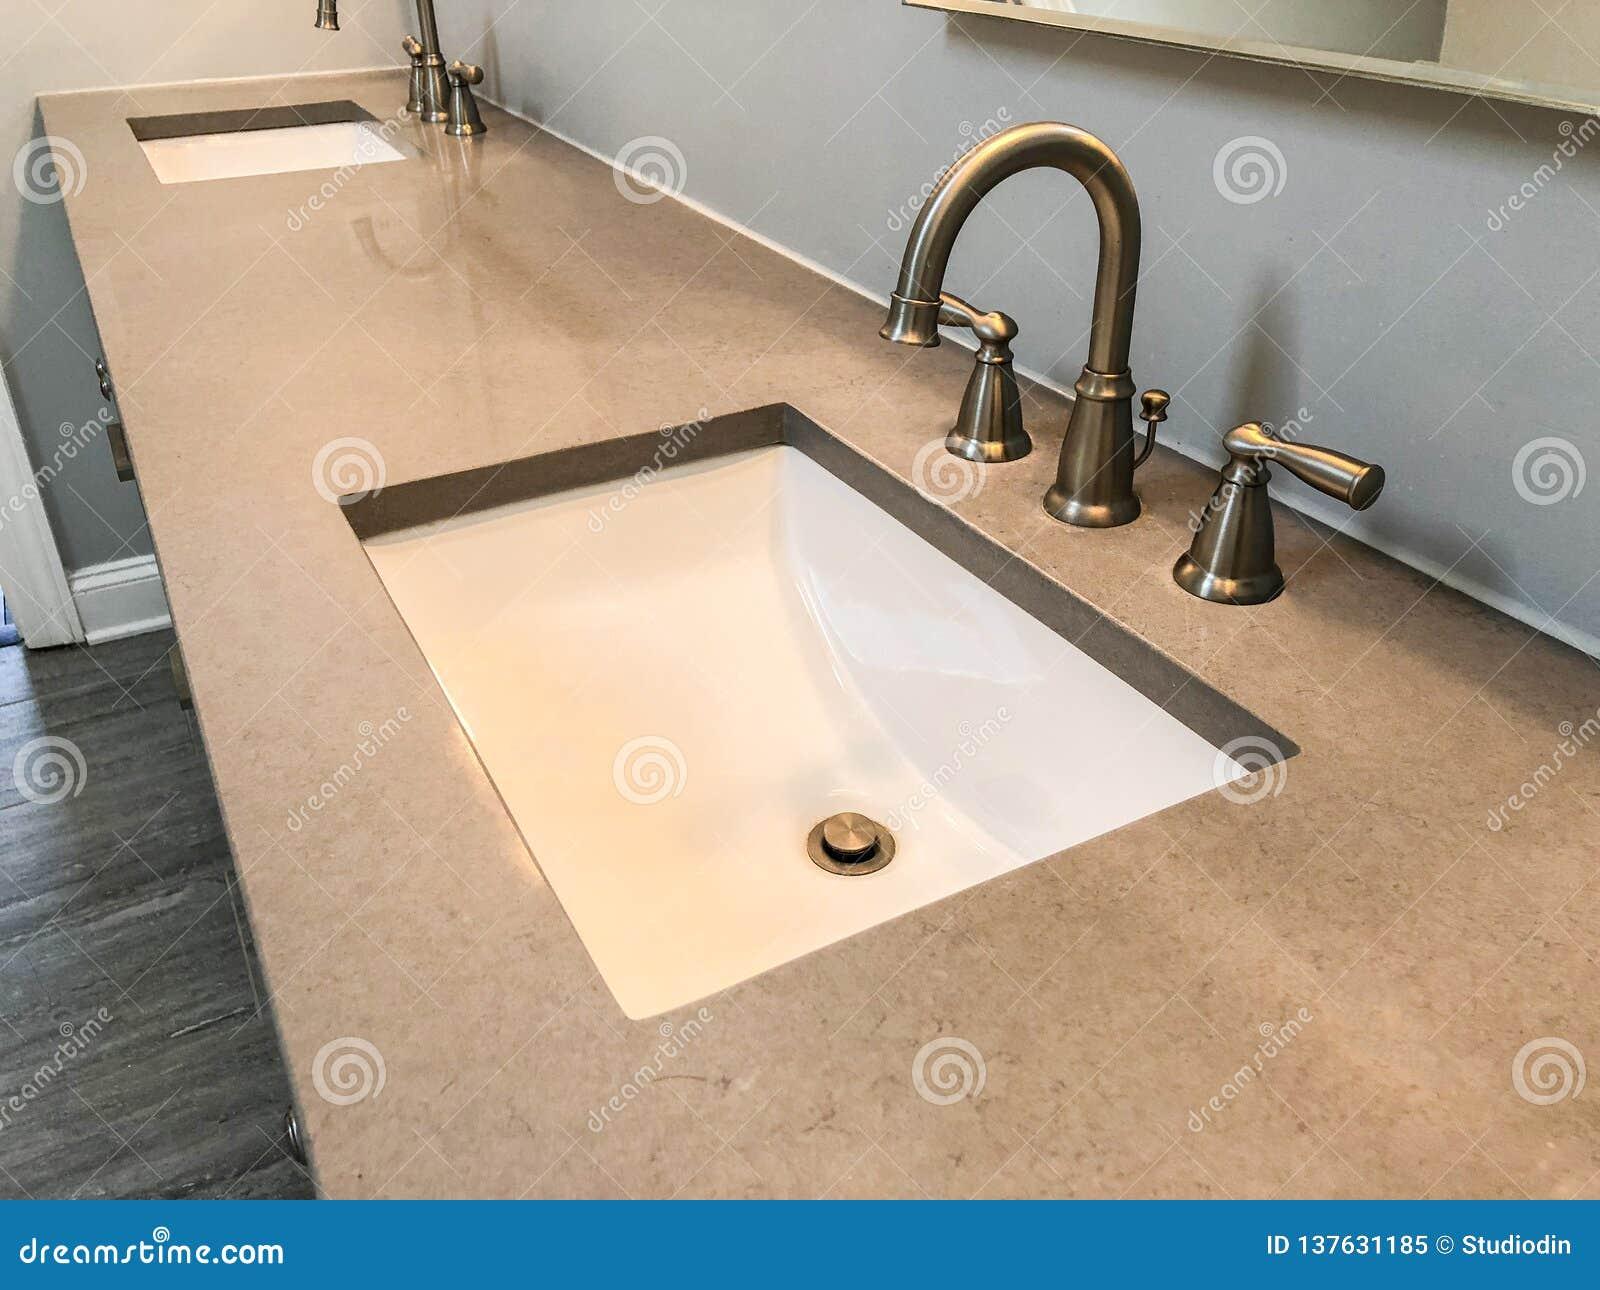 Nowożytna łazienka z kwarcowym countertop, dwa zlew i faucets z kamienną podłogą,